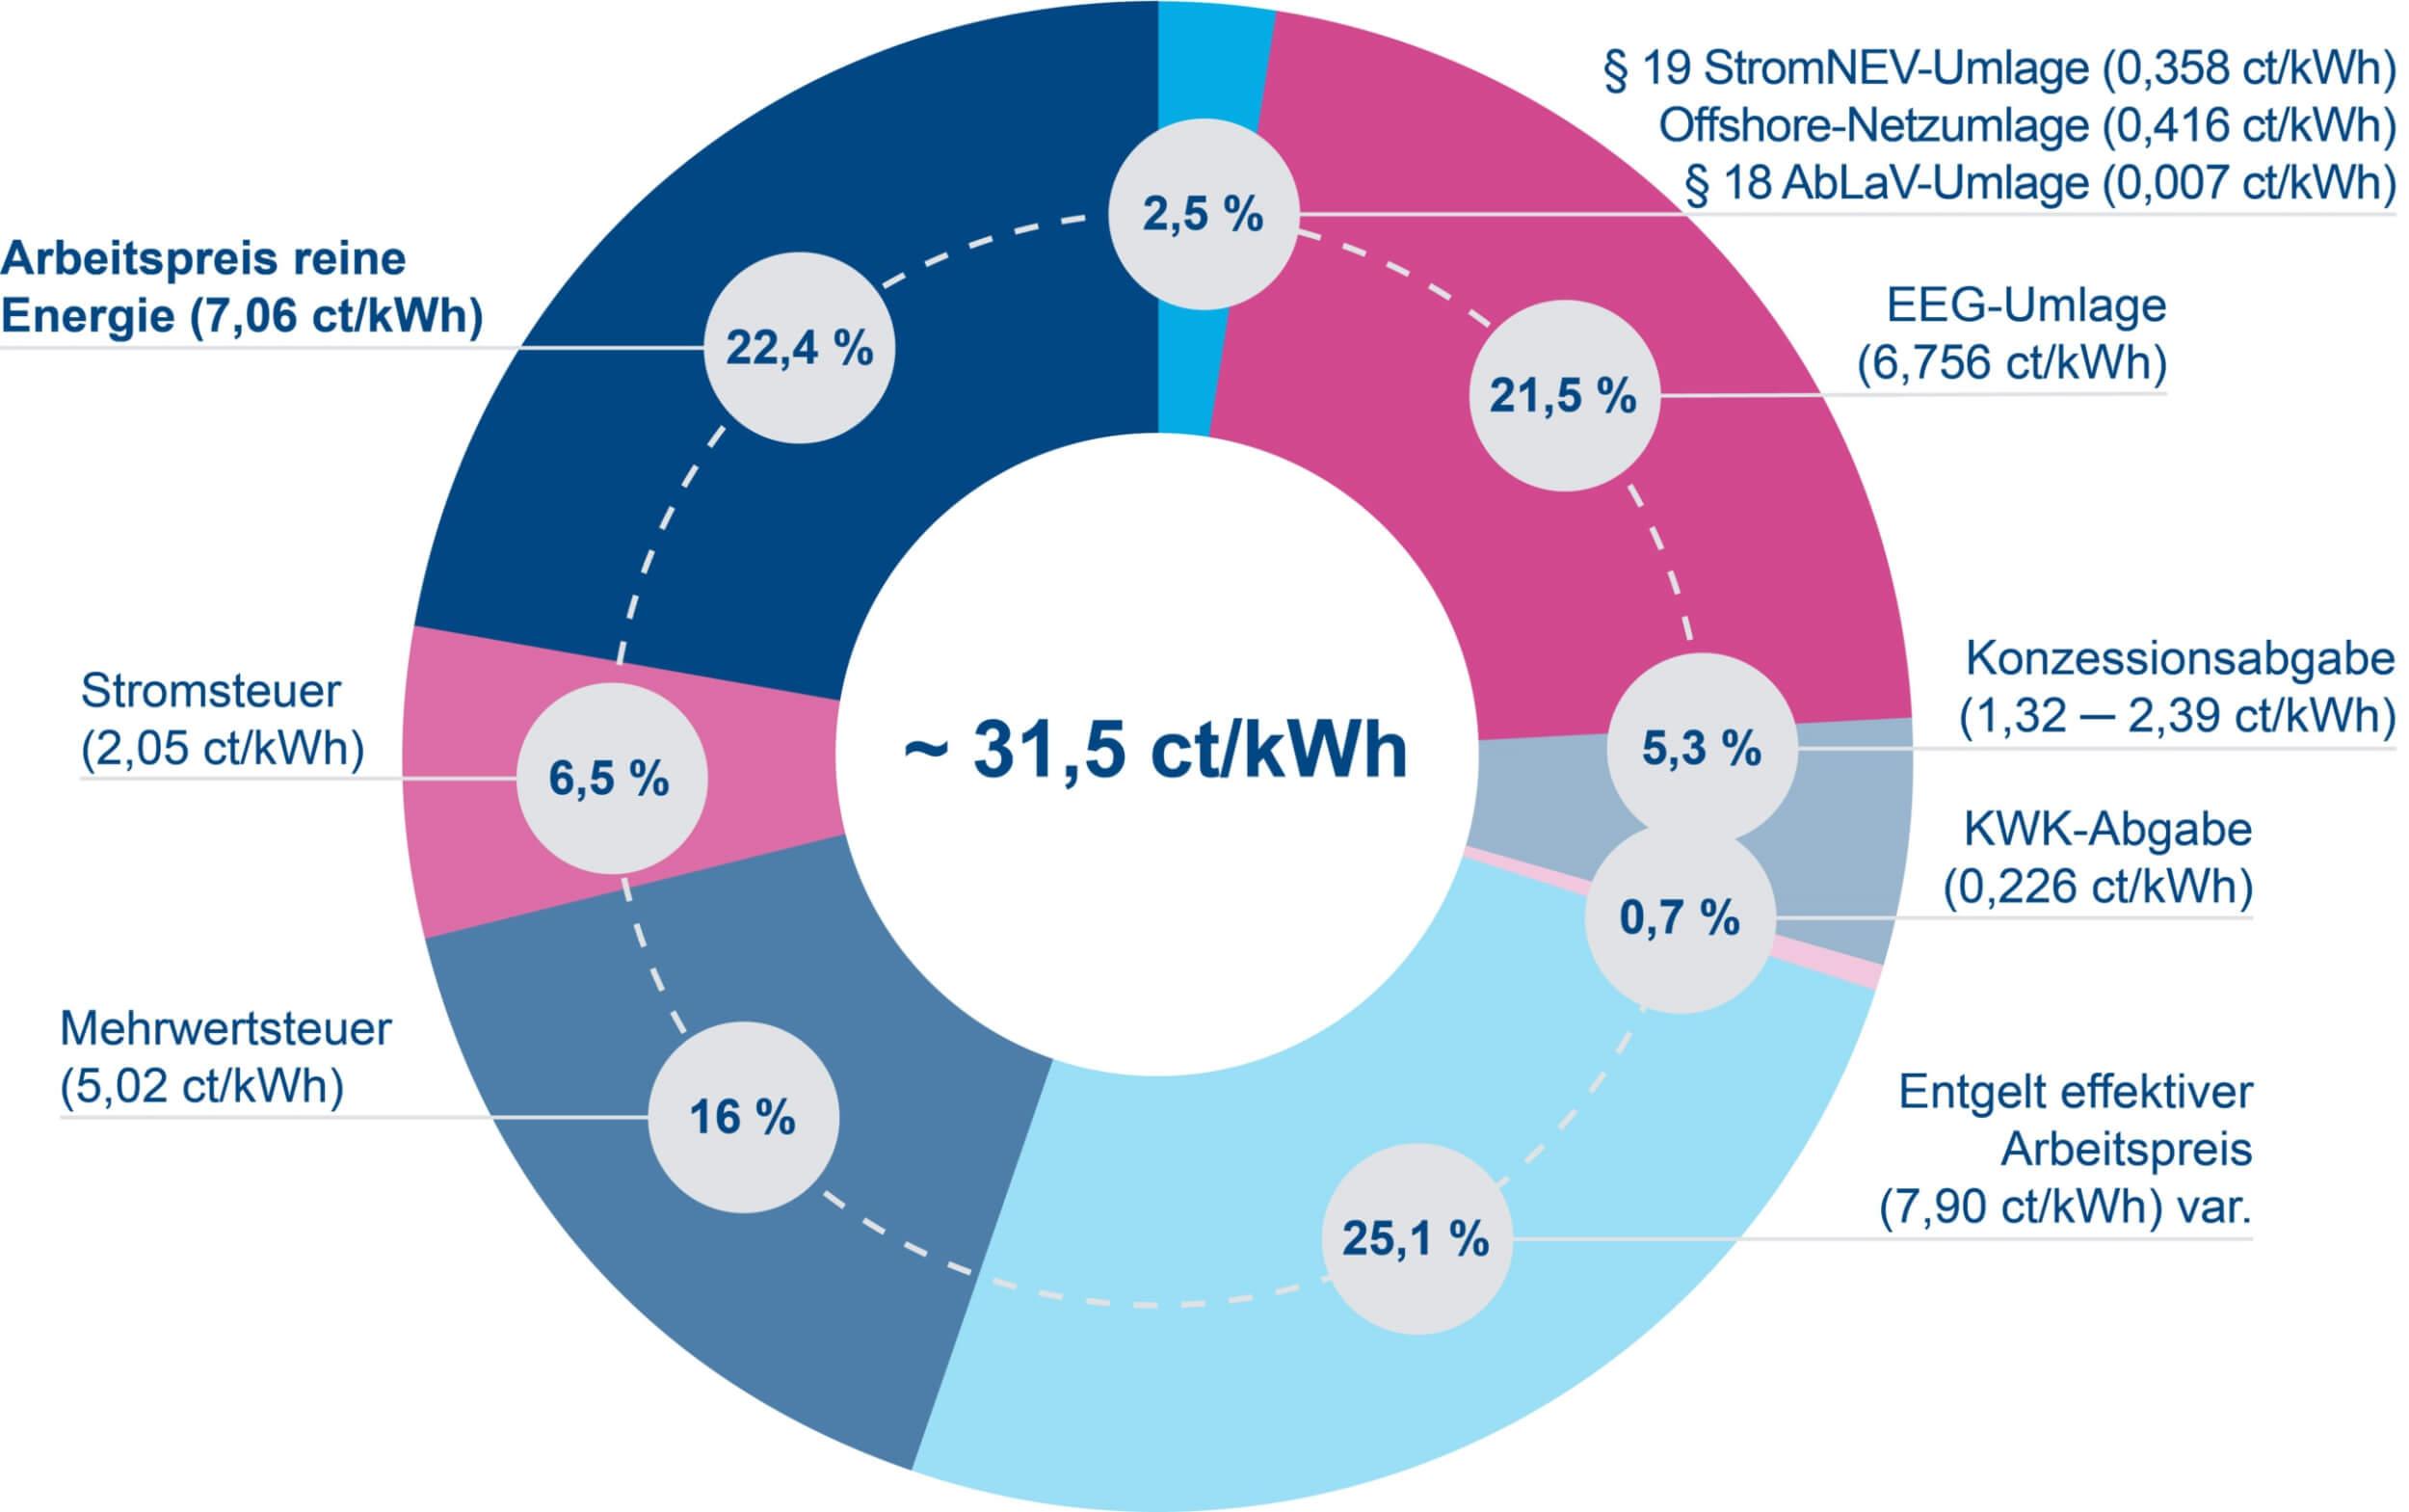 Diagramm Zusammensetzung Strompreis 2020